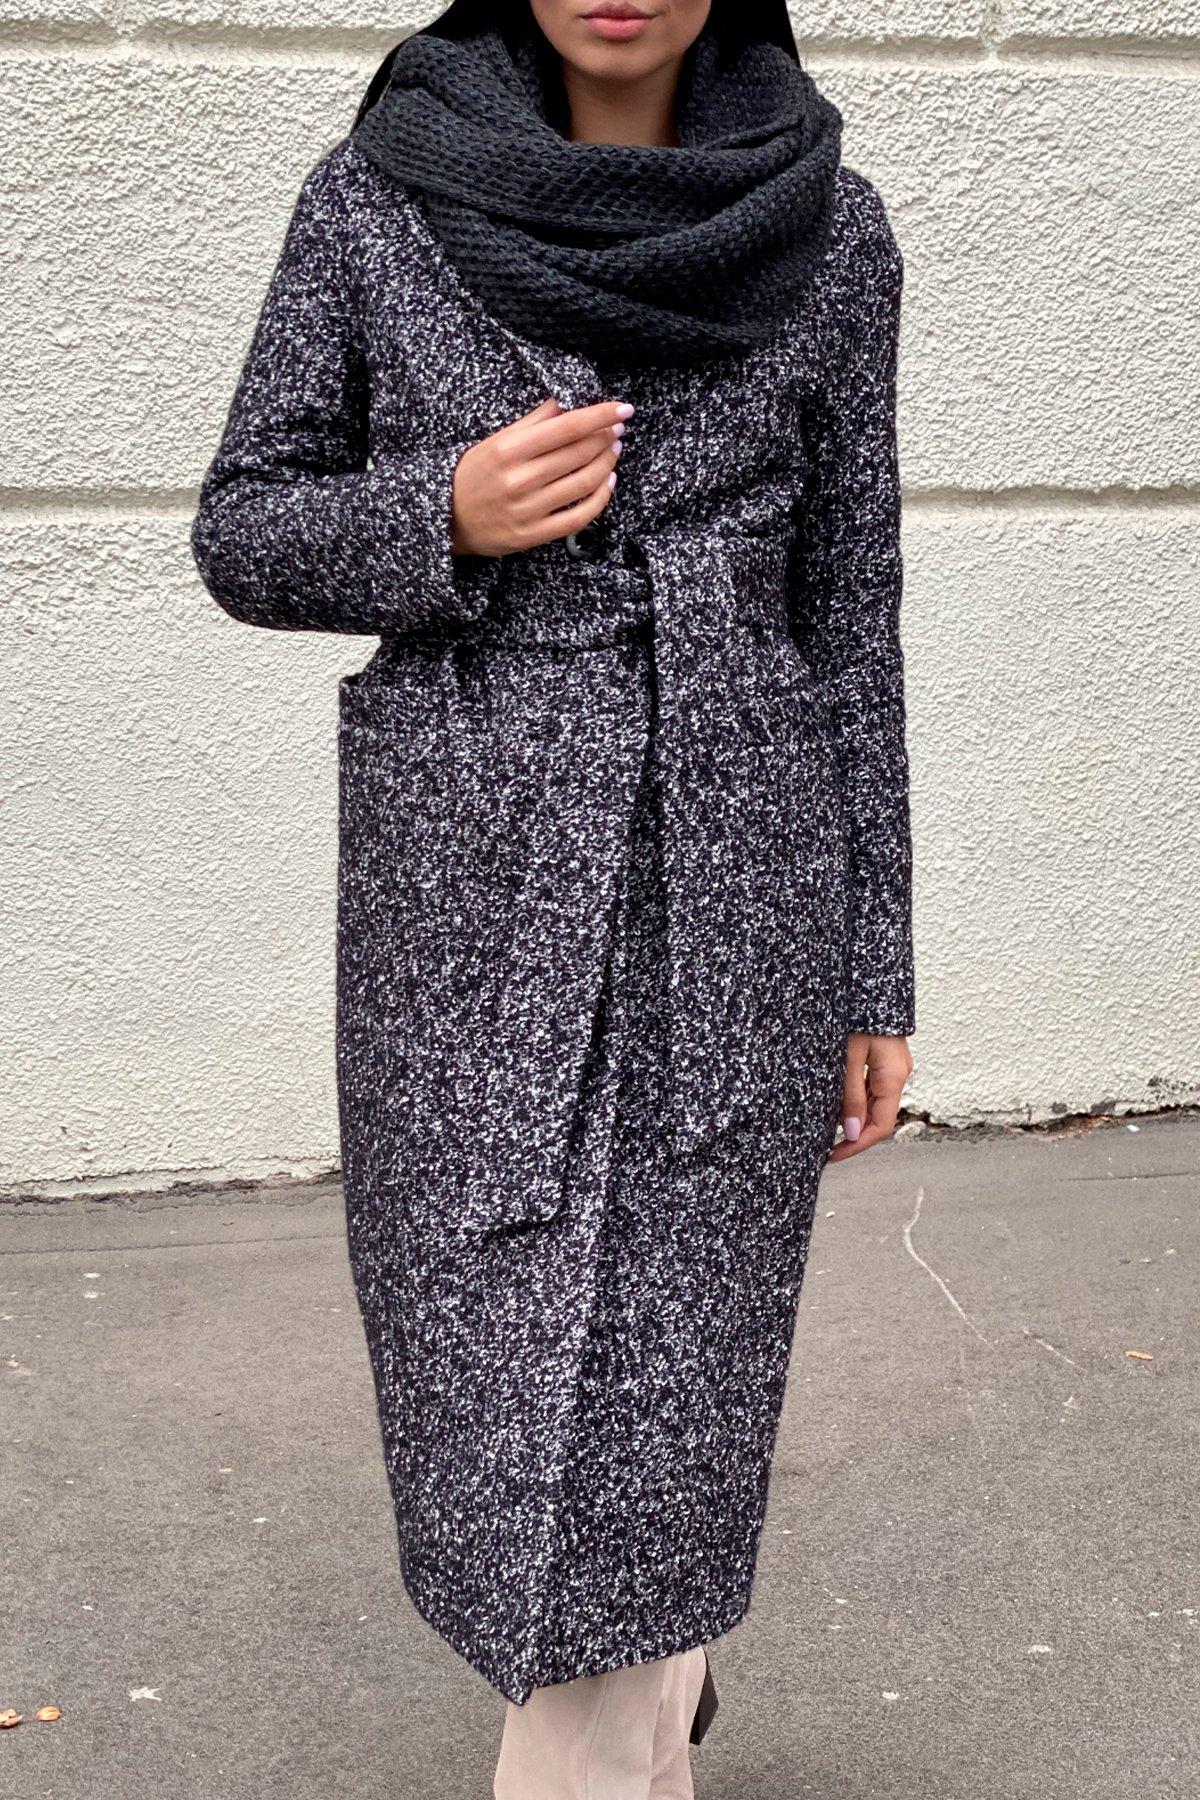 Теплое зимнее пальто буклированная шерсть Вива макси 8349 АРТ. 44517 Цвет: Черный/серый 61 - фото 4, интернет магазин tm-modus.ru